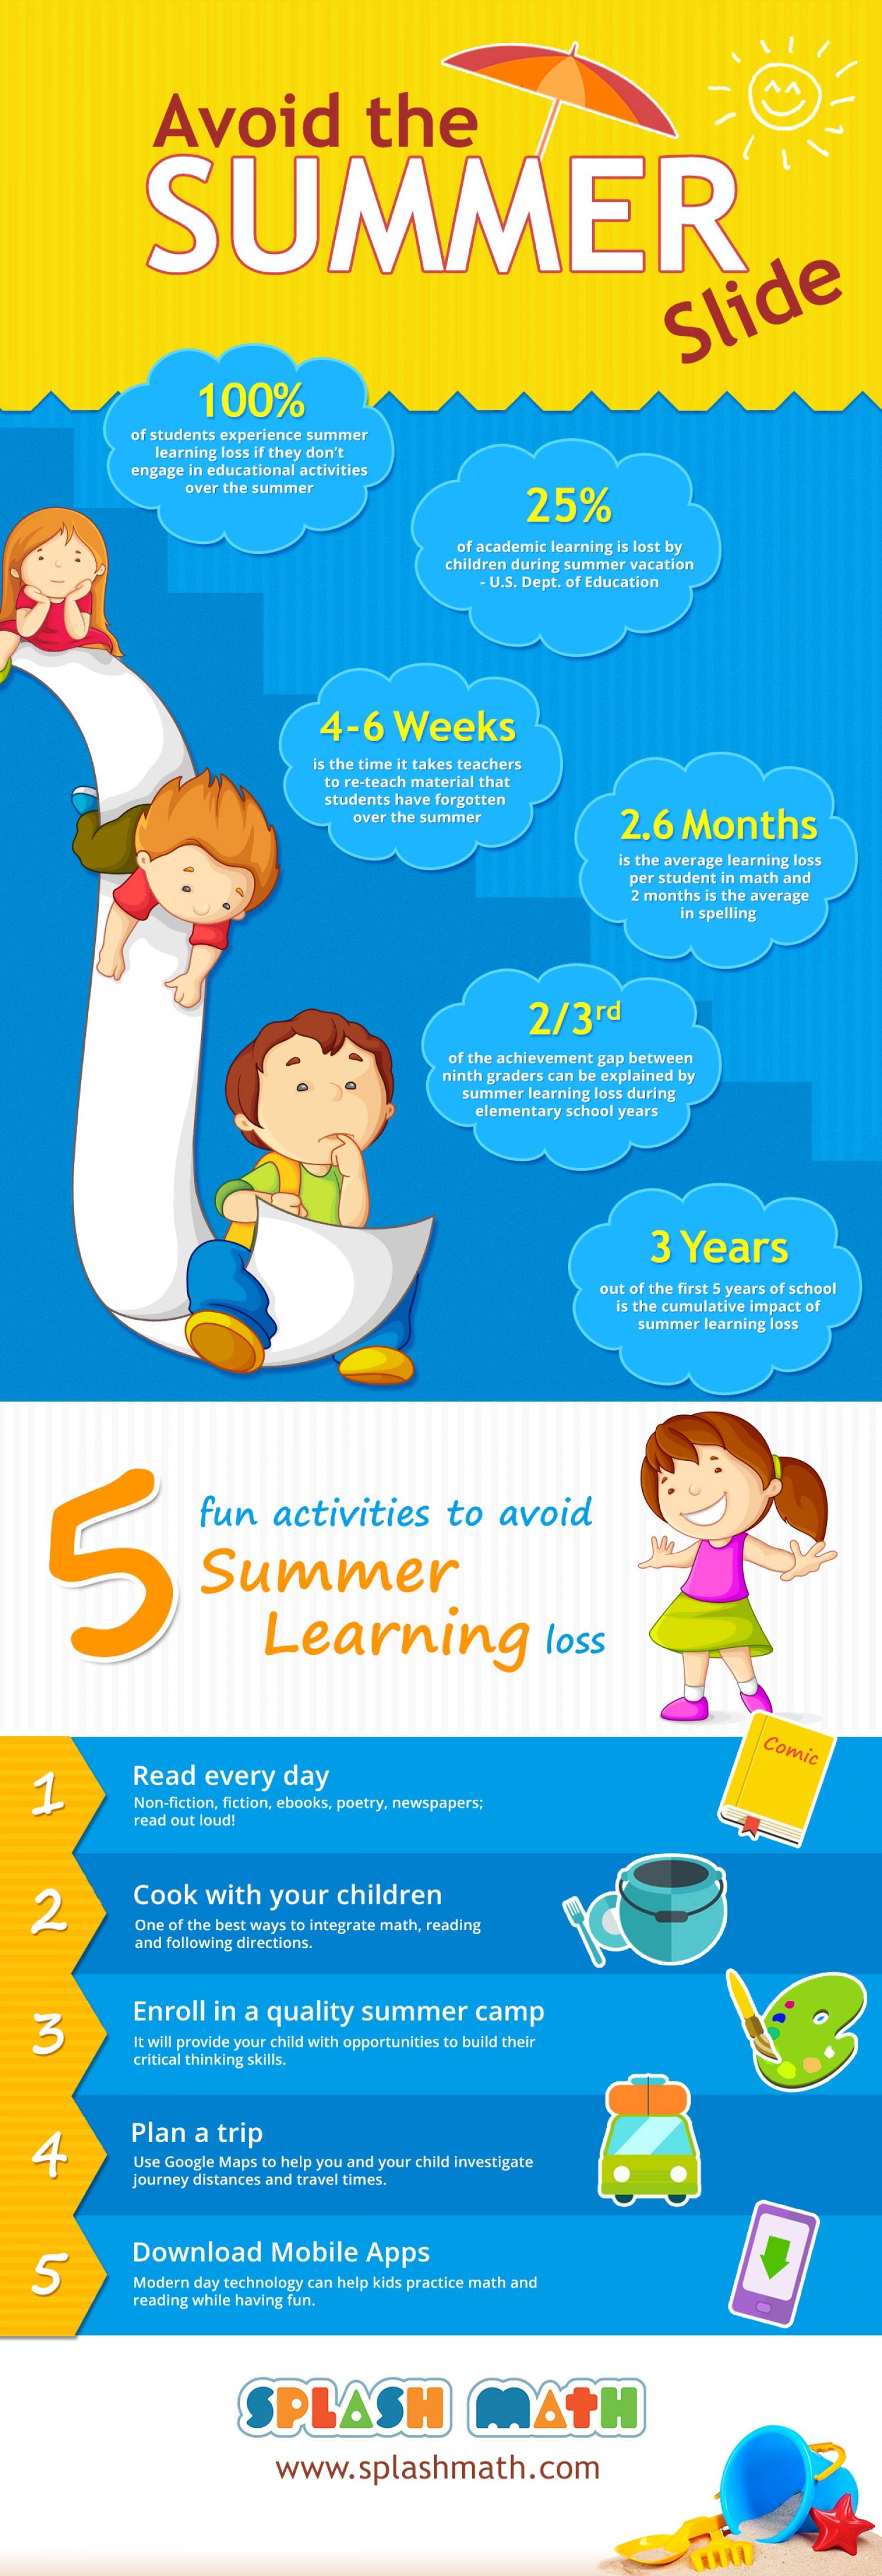 Tips to Avoid The Summer Slide